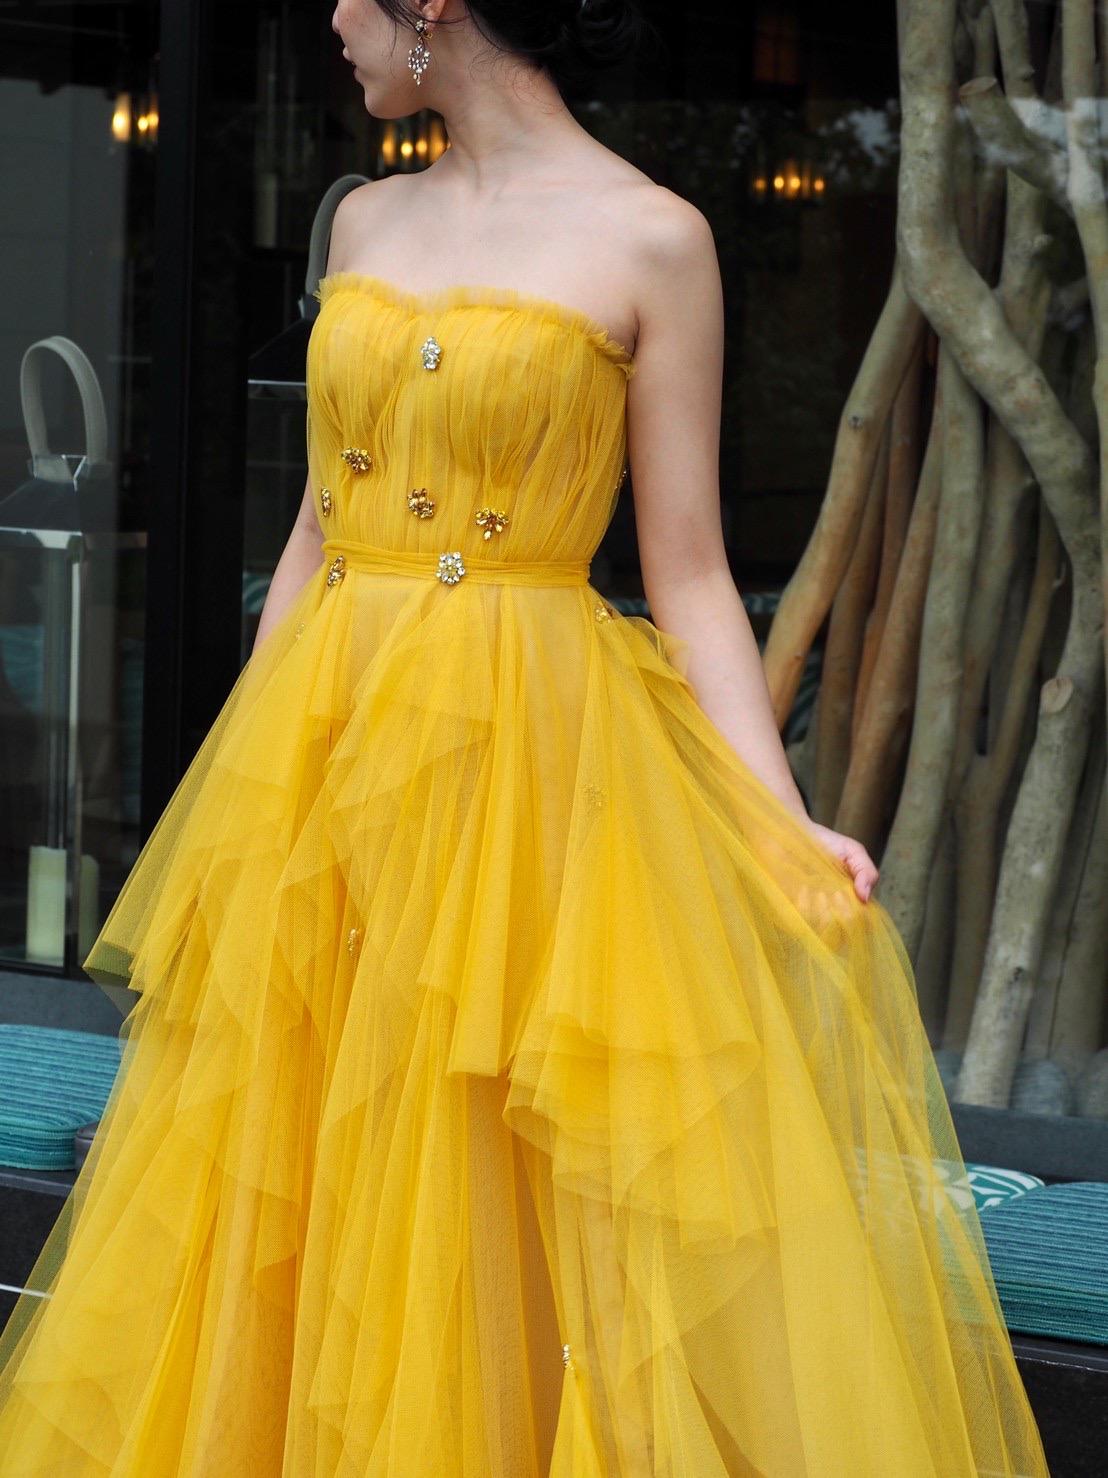 ザ・トリート・ドレッシング神戸店がおすすめする大ぶりなビジューが施されたリーム・アクラの新作カラードレスのご紹介